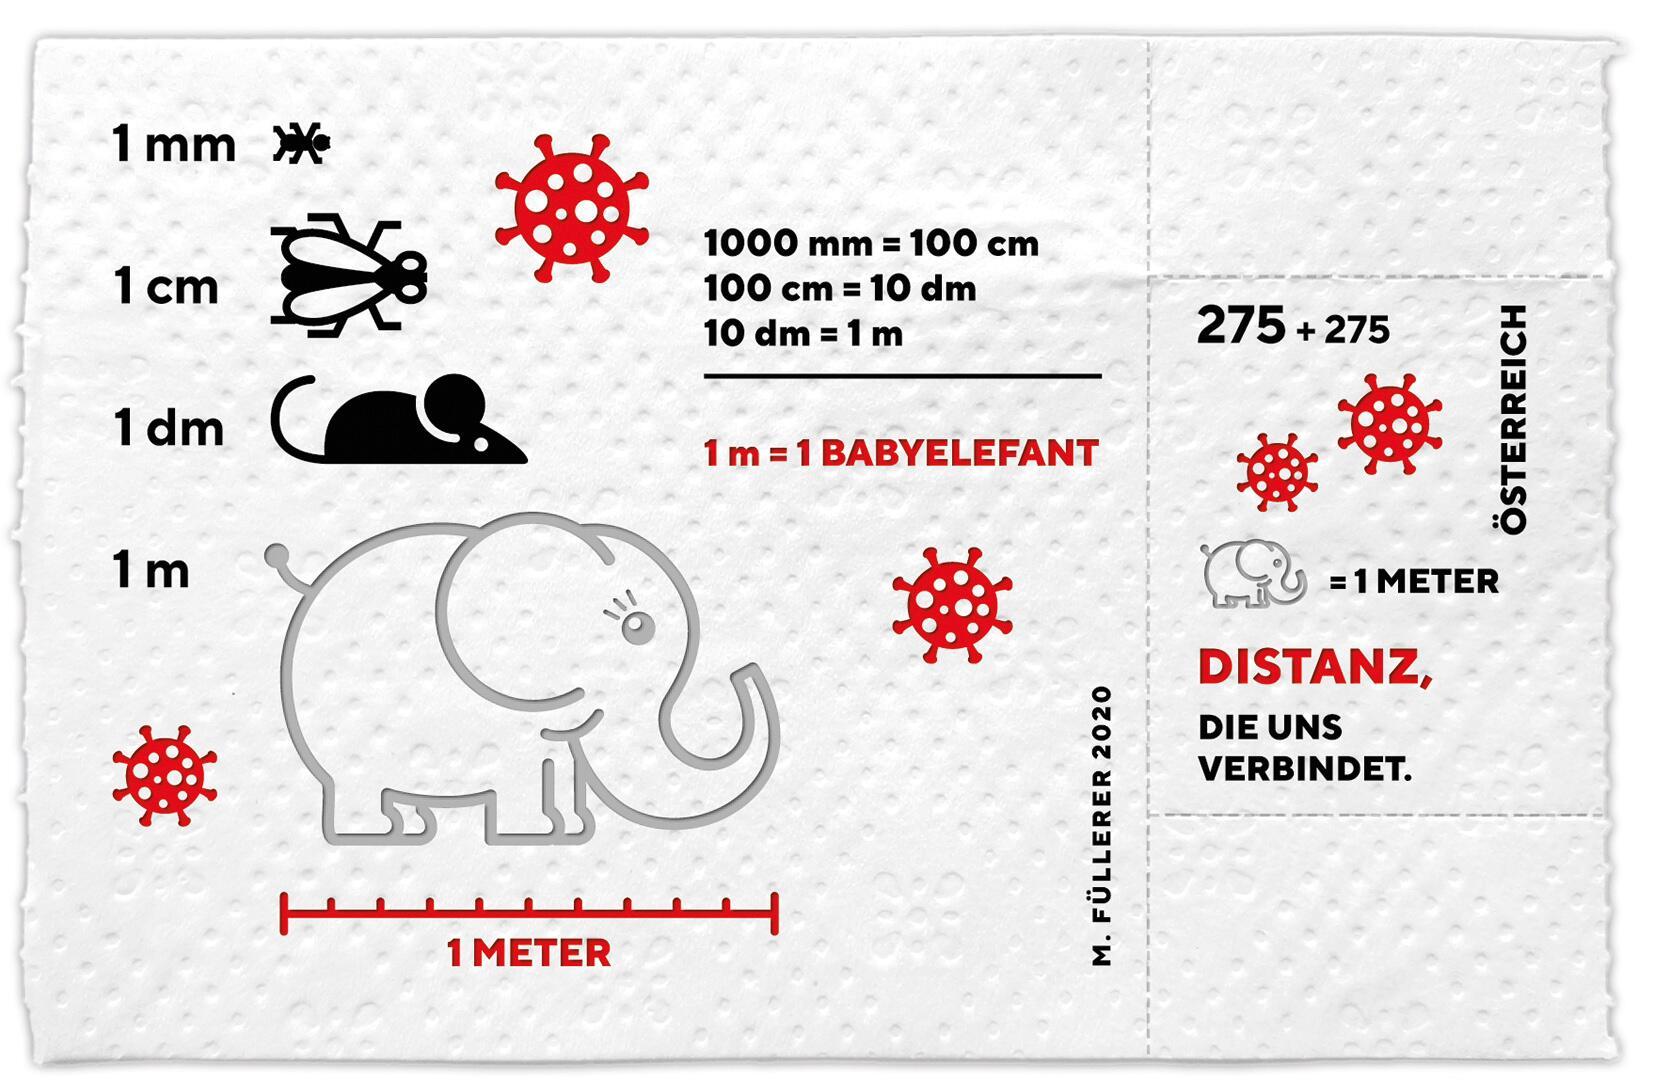 So sieht sie aus Die Corona Briefmarke der Österreichischen Post